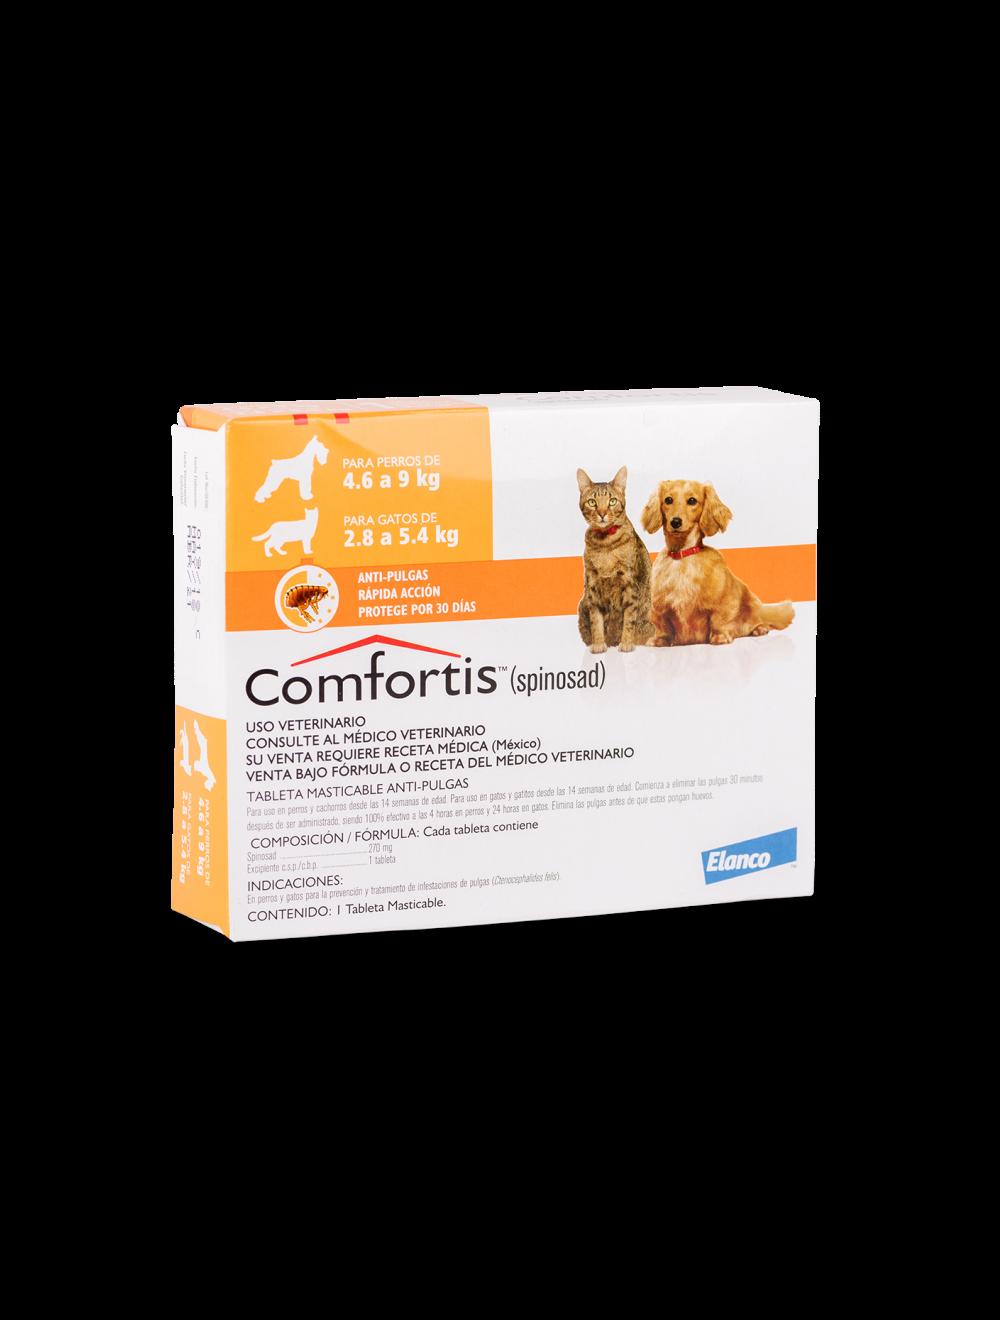 Comfortis Perros 4 a 9 Kg y Gatos 2.8 a 5.4 kg